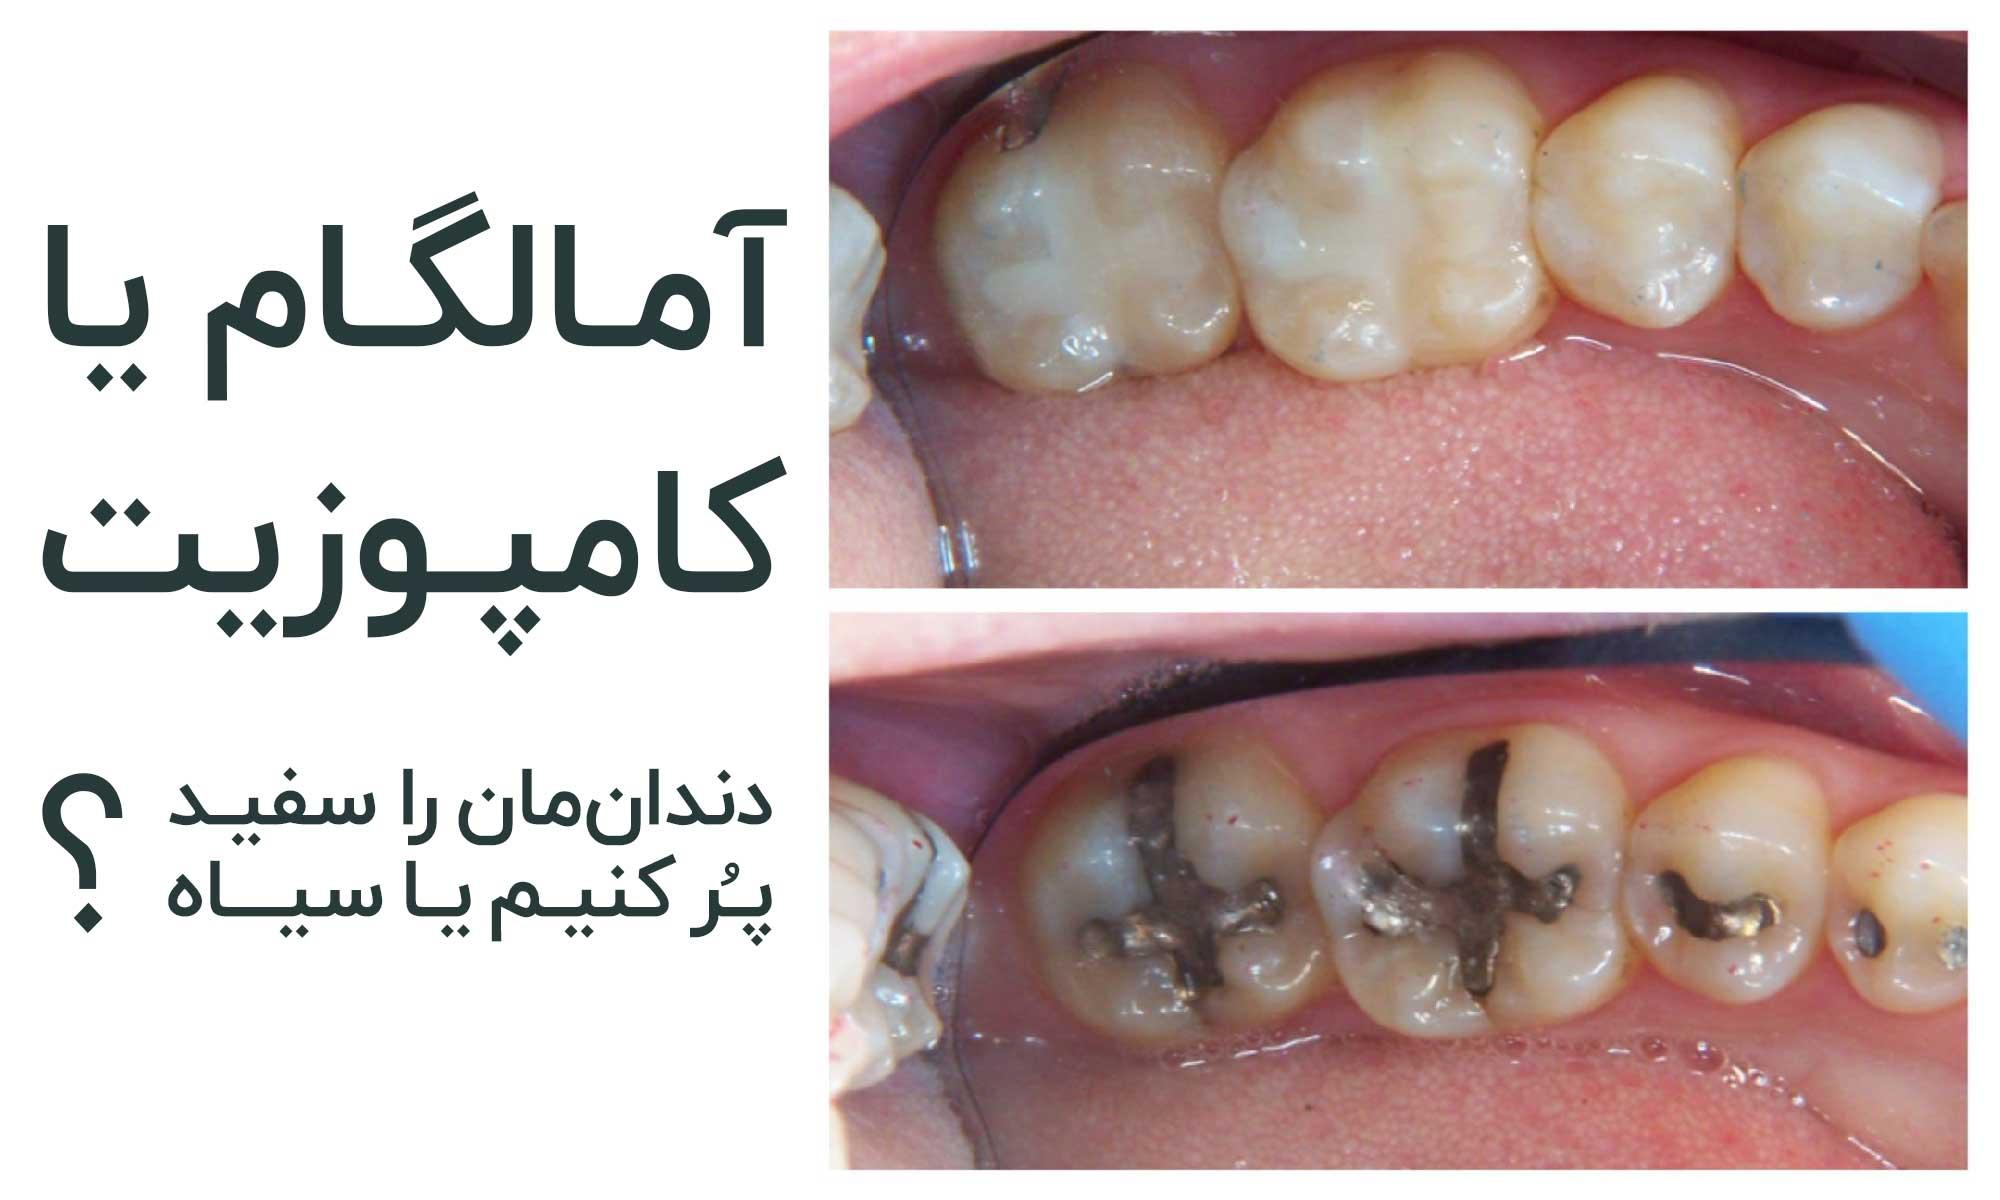 آمالگام یا کامپوزیت؟ دندان را سفید پر کنیم یا سیاه؟